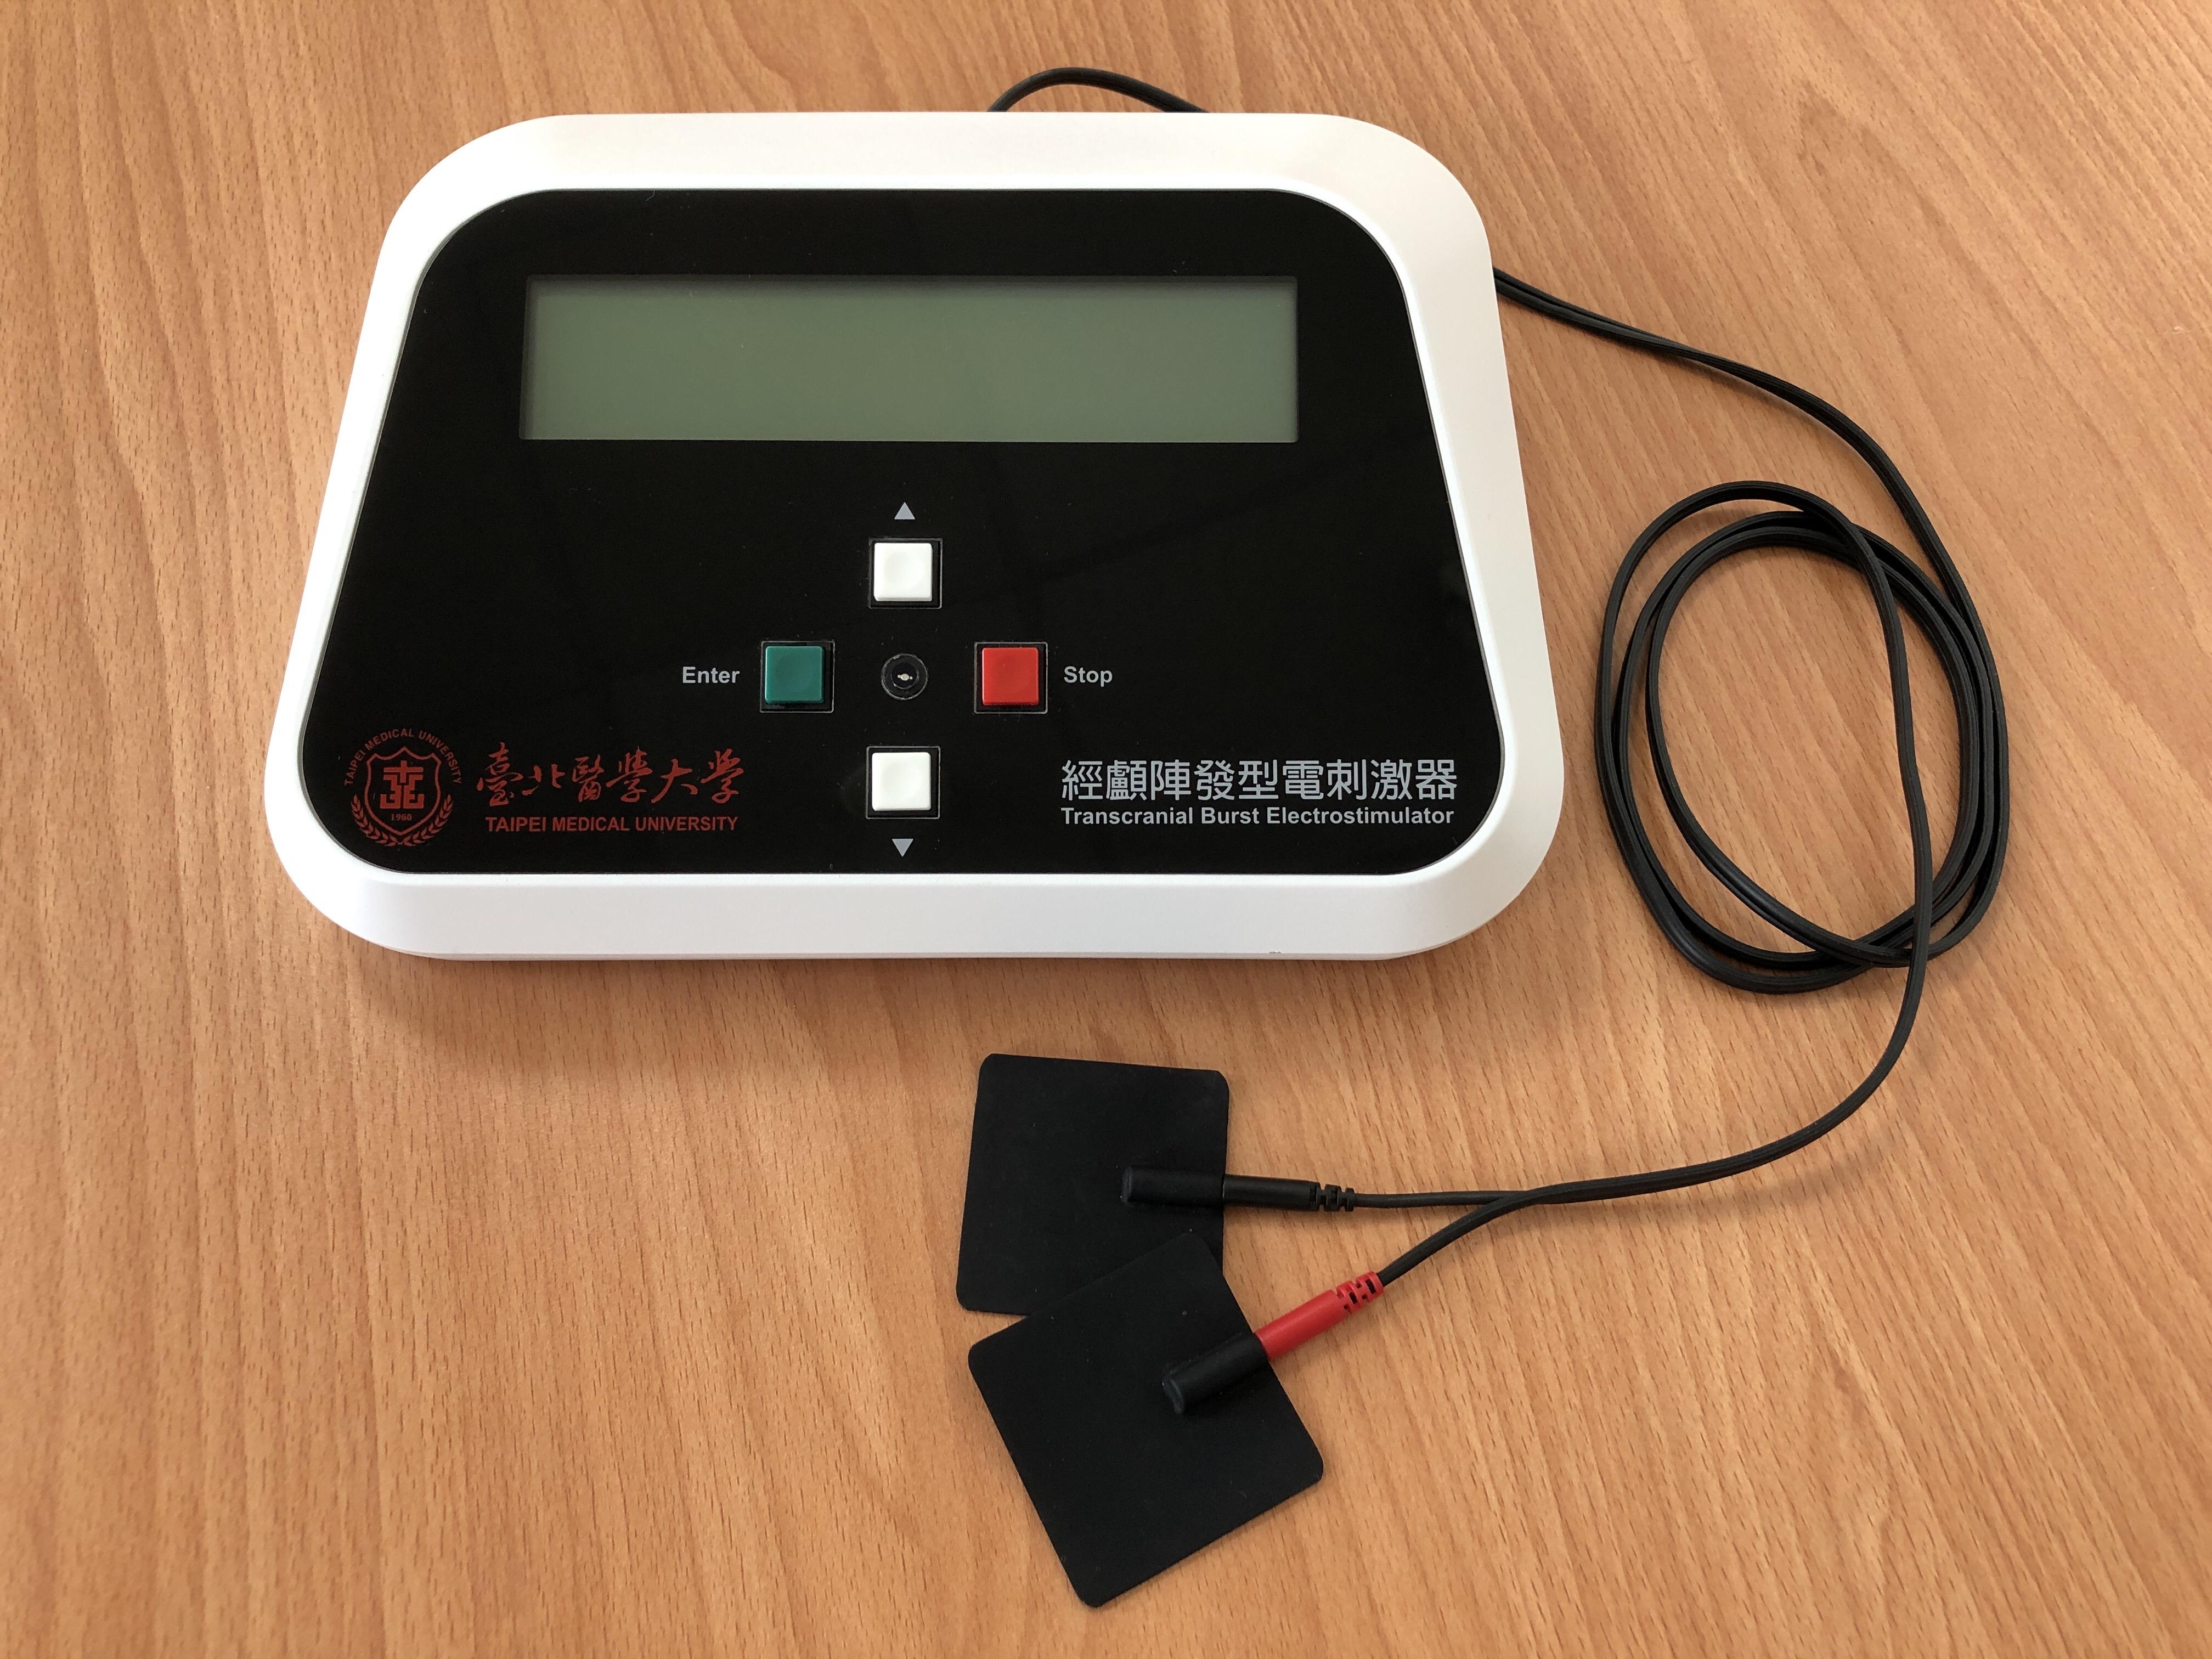 本團隊產品參加新加坡醫療展 本團隊所開發之第二代特效波形經顱直流電刺激系統